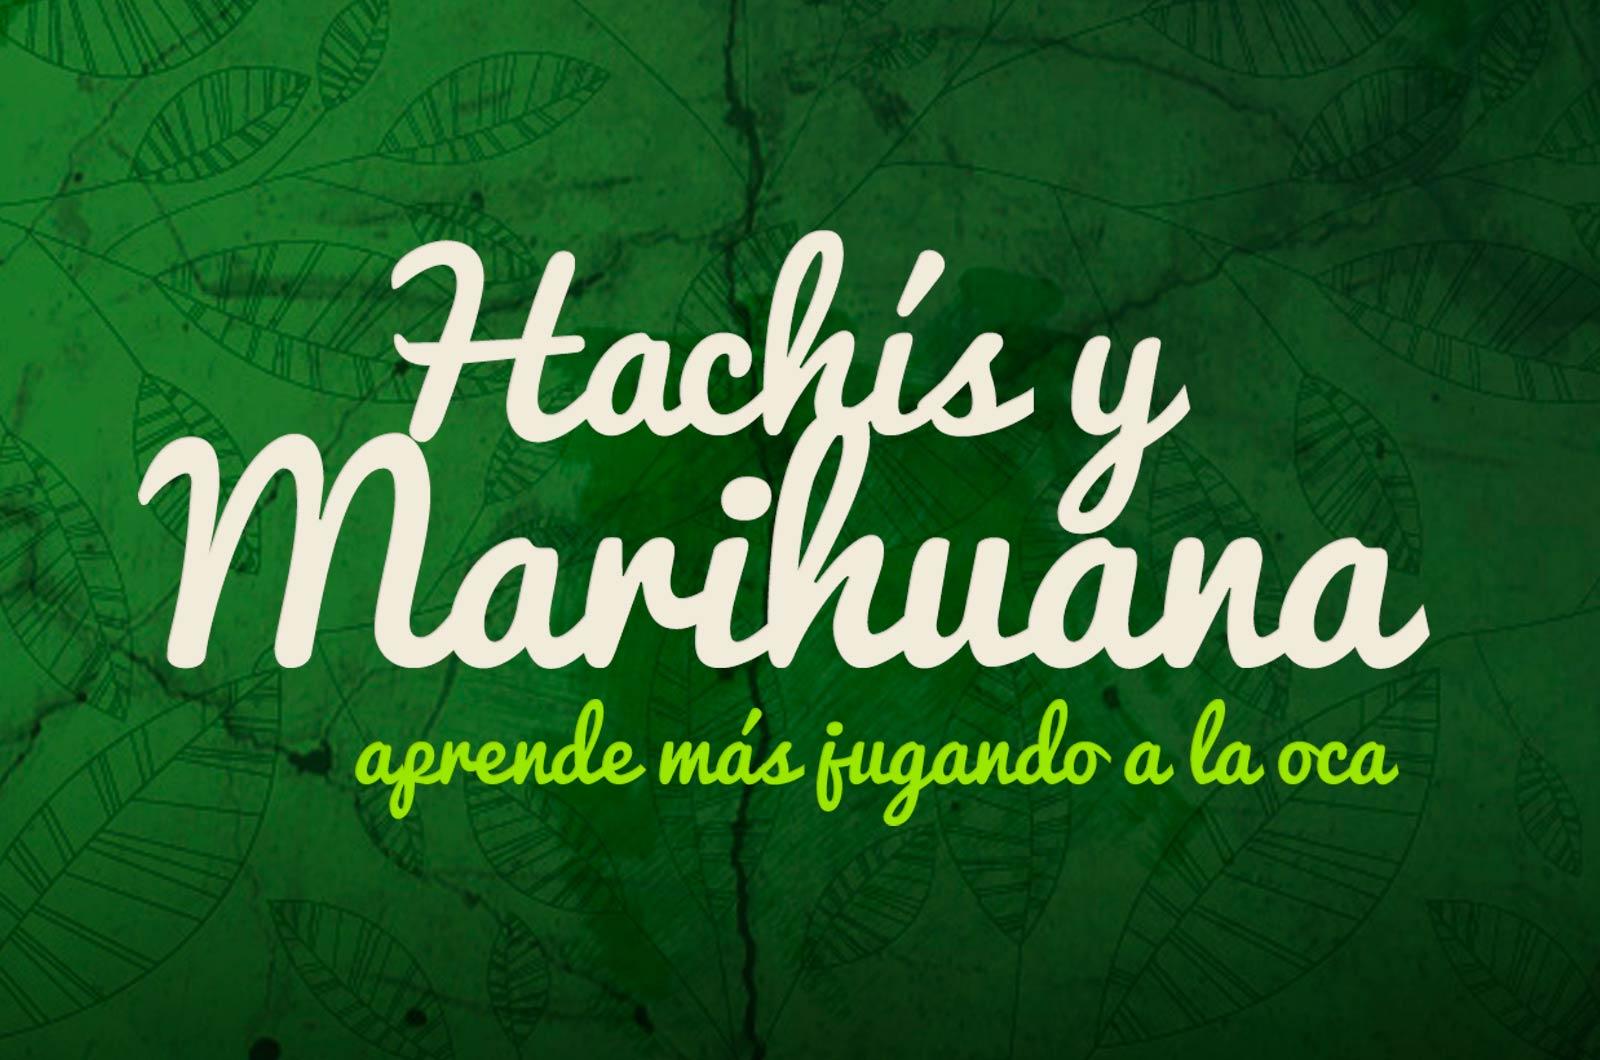 Hachís Y Marihuana